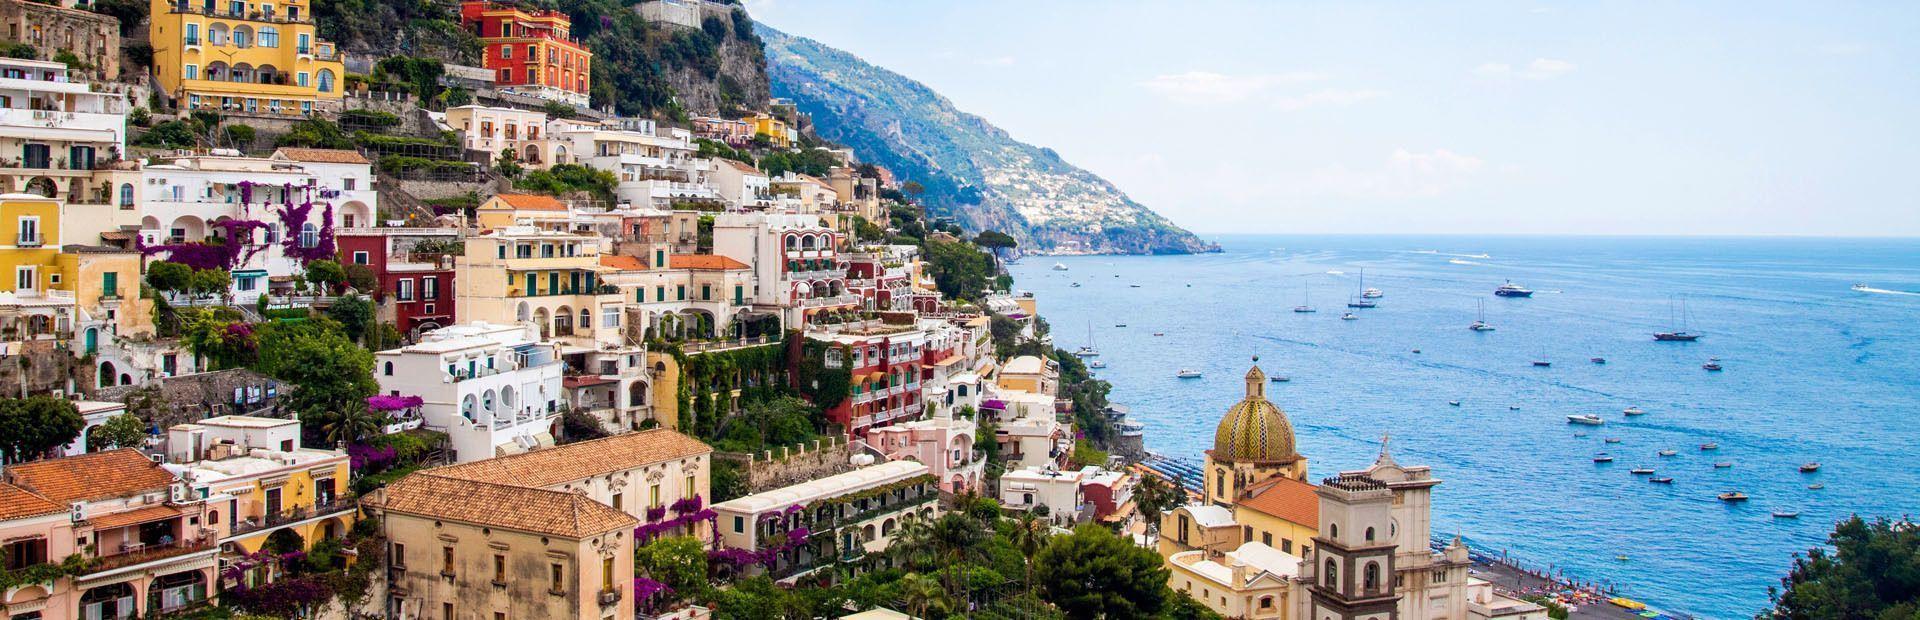 Campania Express: Napoli e le rovine di Pompei